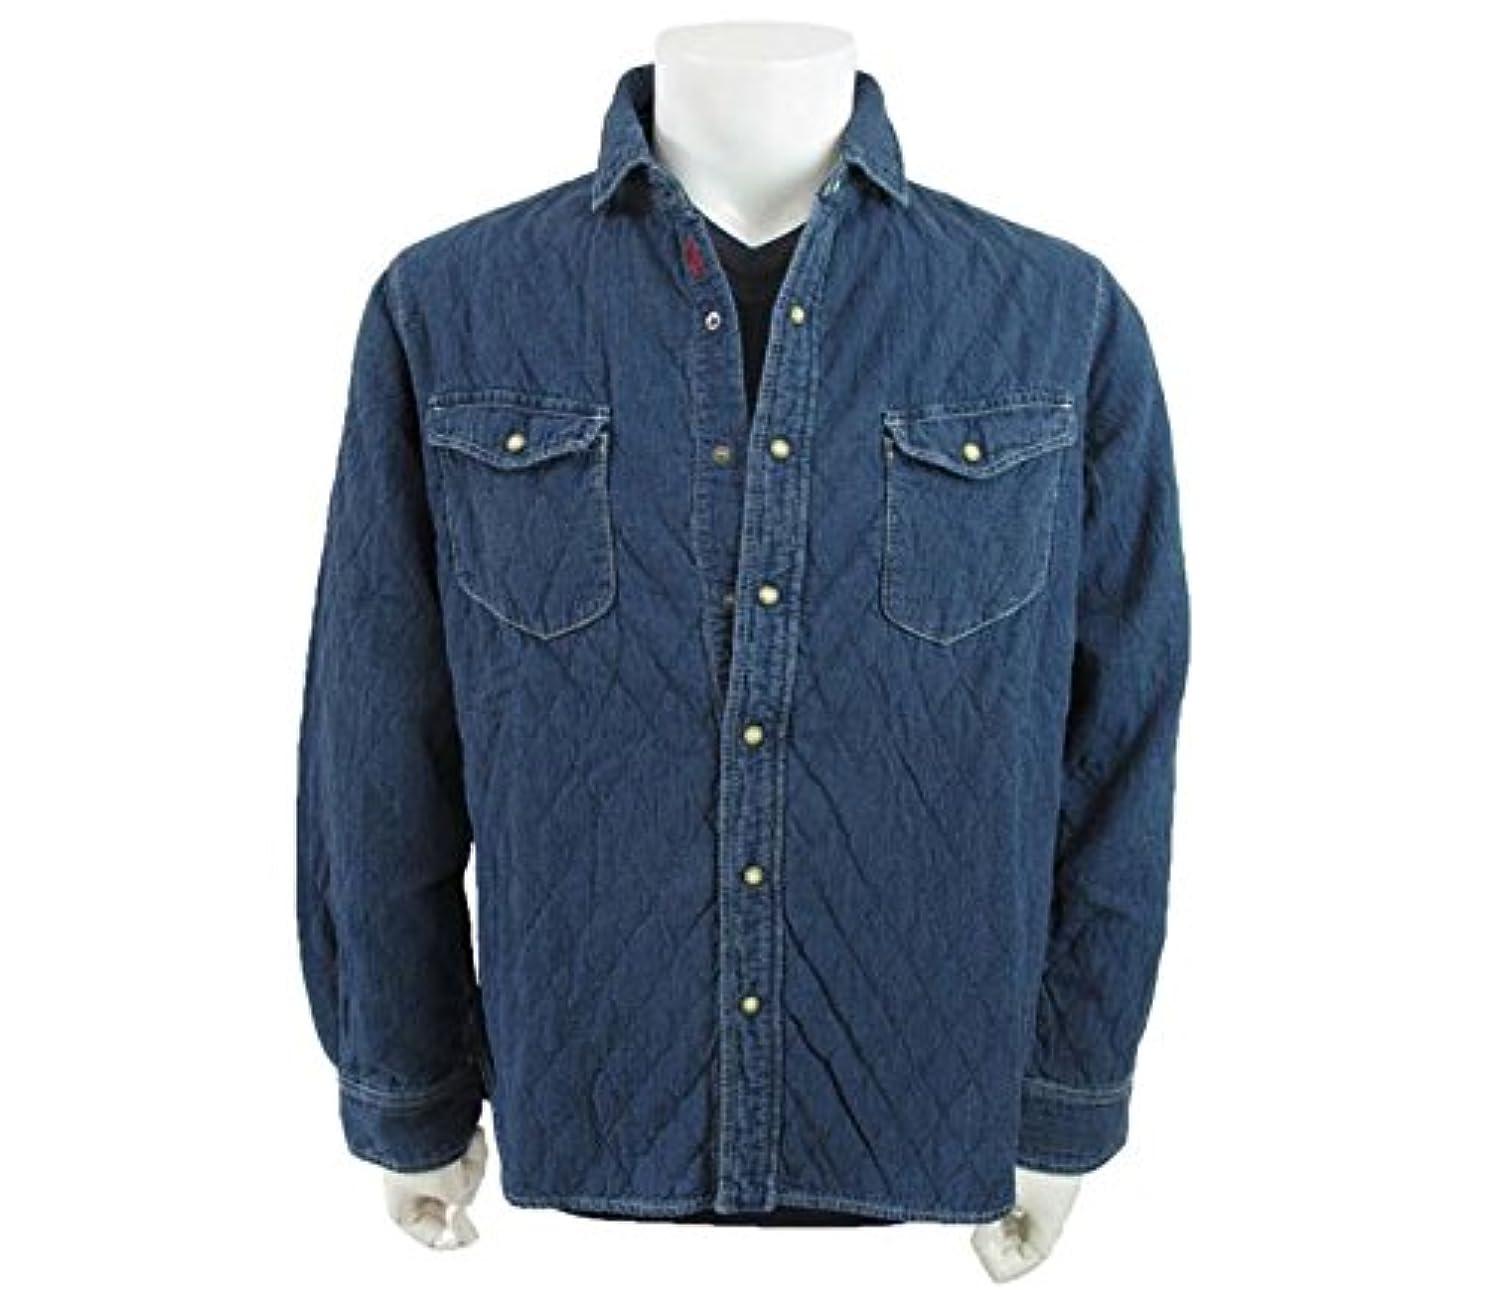 芽自分の力ですべてをする仕様(ラウラフェリーチェ) Laura Felice ダブルフェイス キルティングデザイン デニムシャツ ブルー 48サイズ